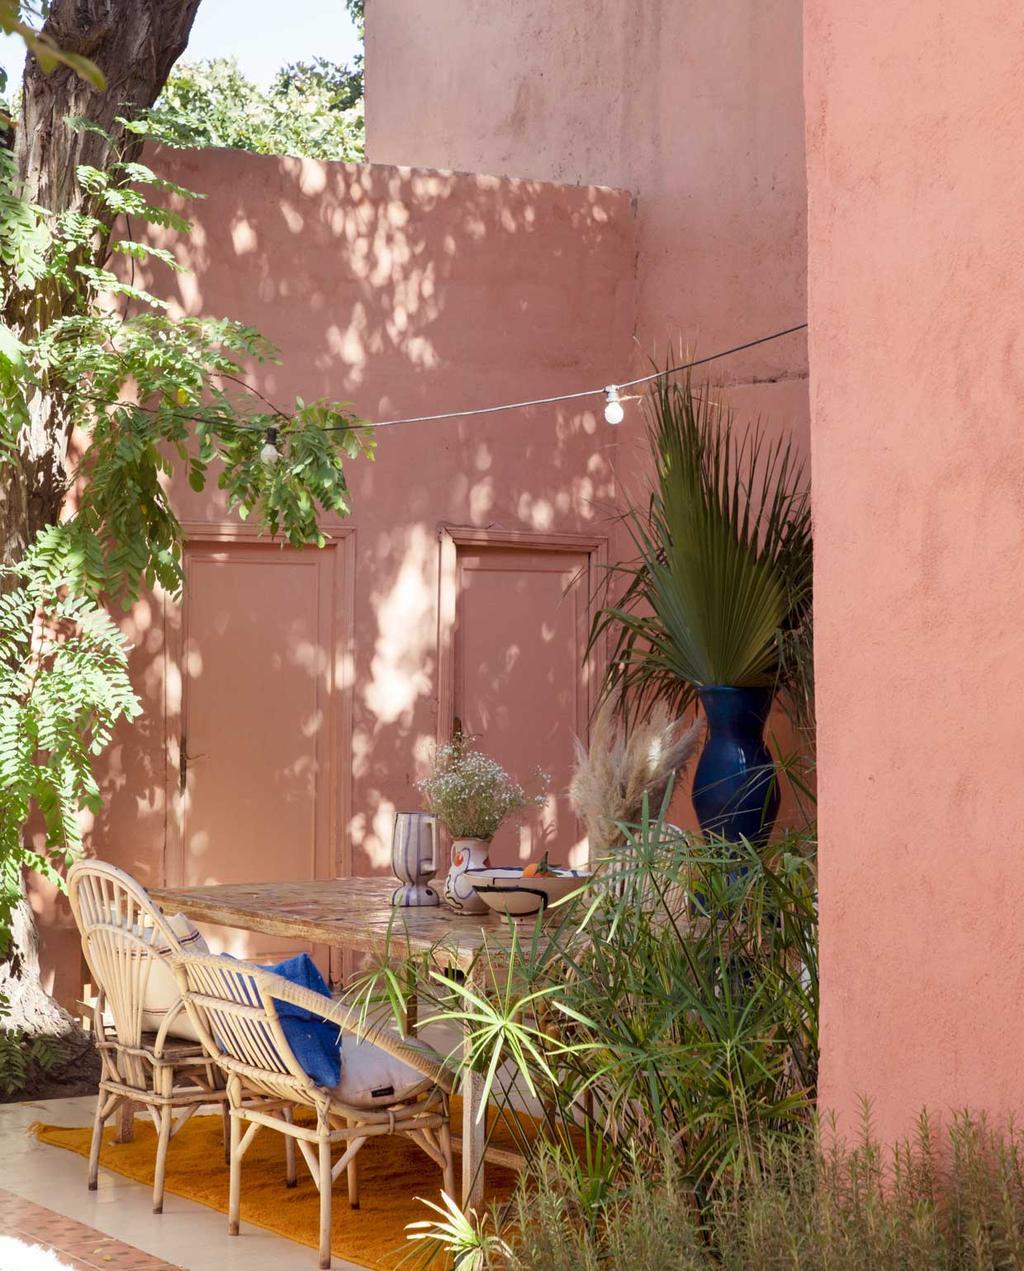 vtwonen 2020-09 | kijkkamer Marrakech | roze patio met eethoek